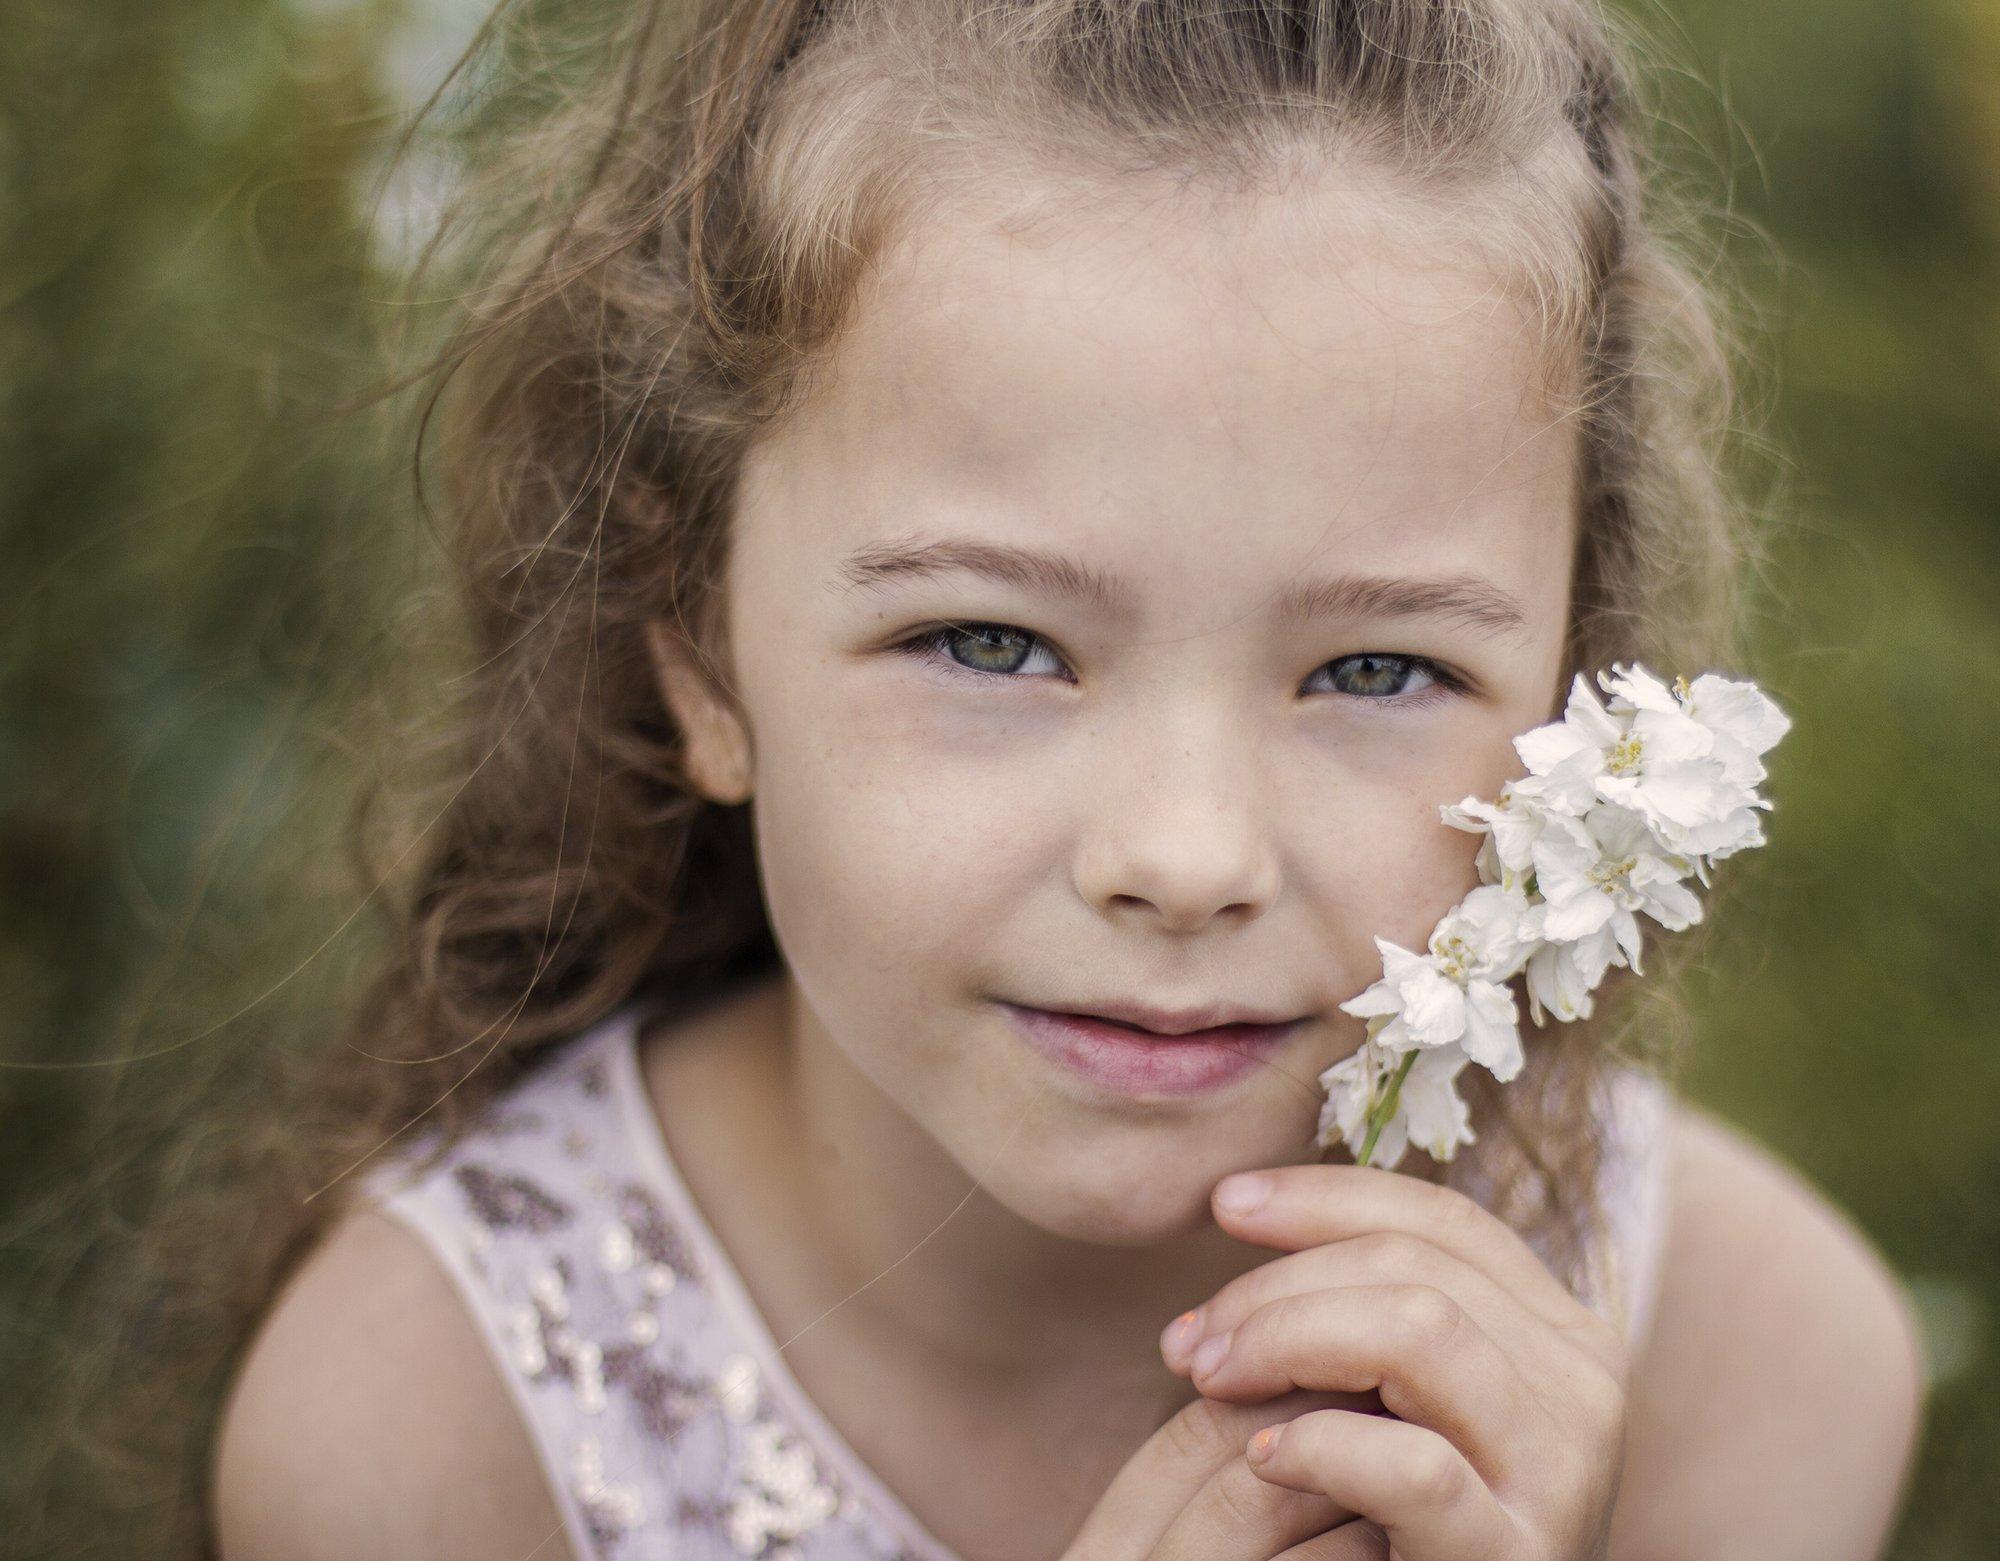 Portrety dziecięce, pejzaż i pies. Szkolenia fotografii online. Wyróżnienia. 372 Kursy i 364 AFO